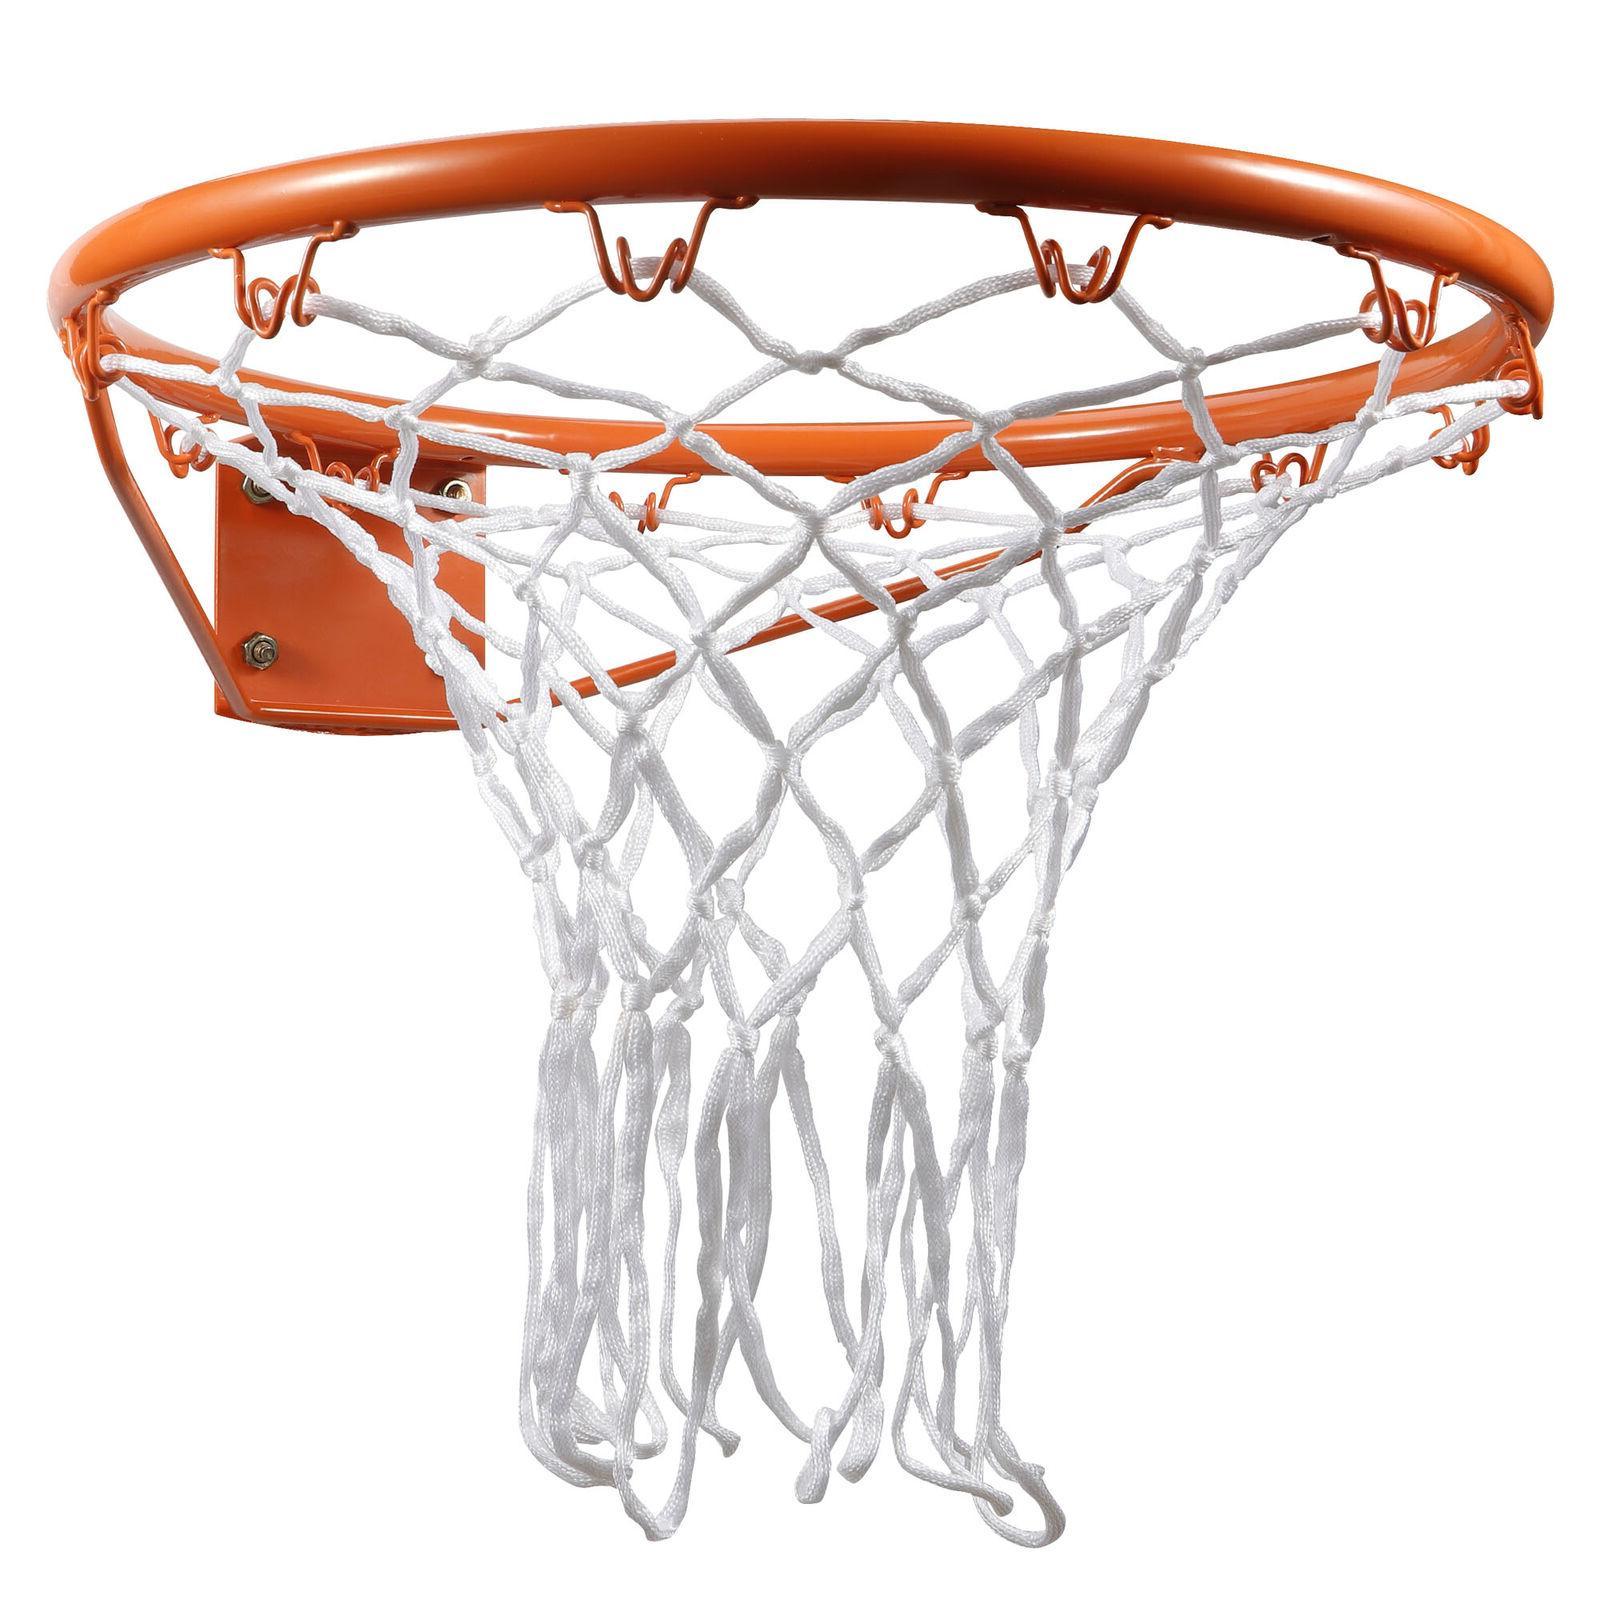 18inch heavy duty standard classic basketball rim